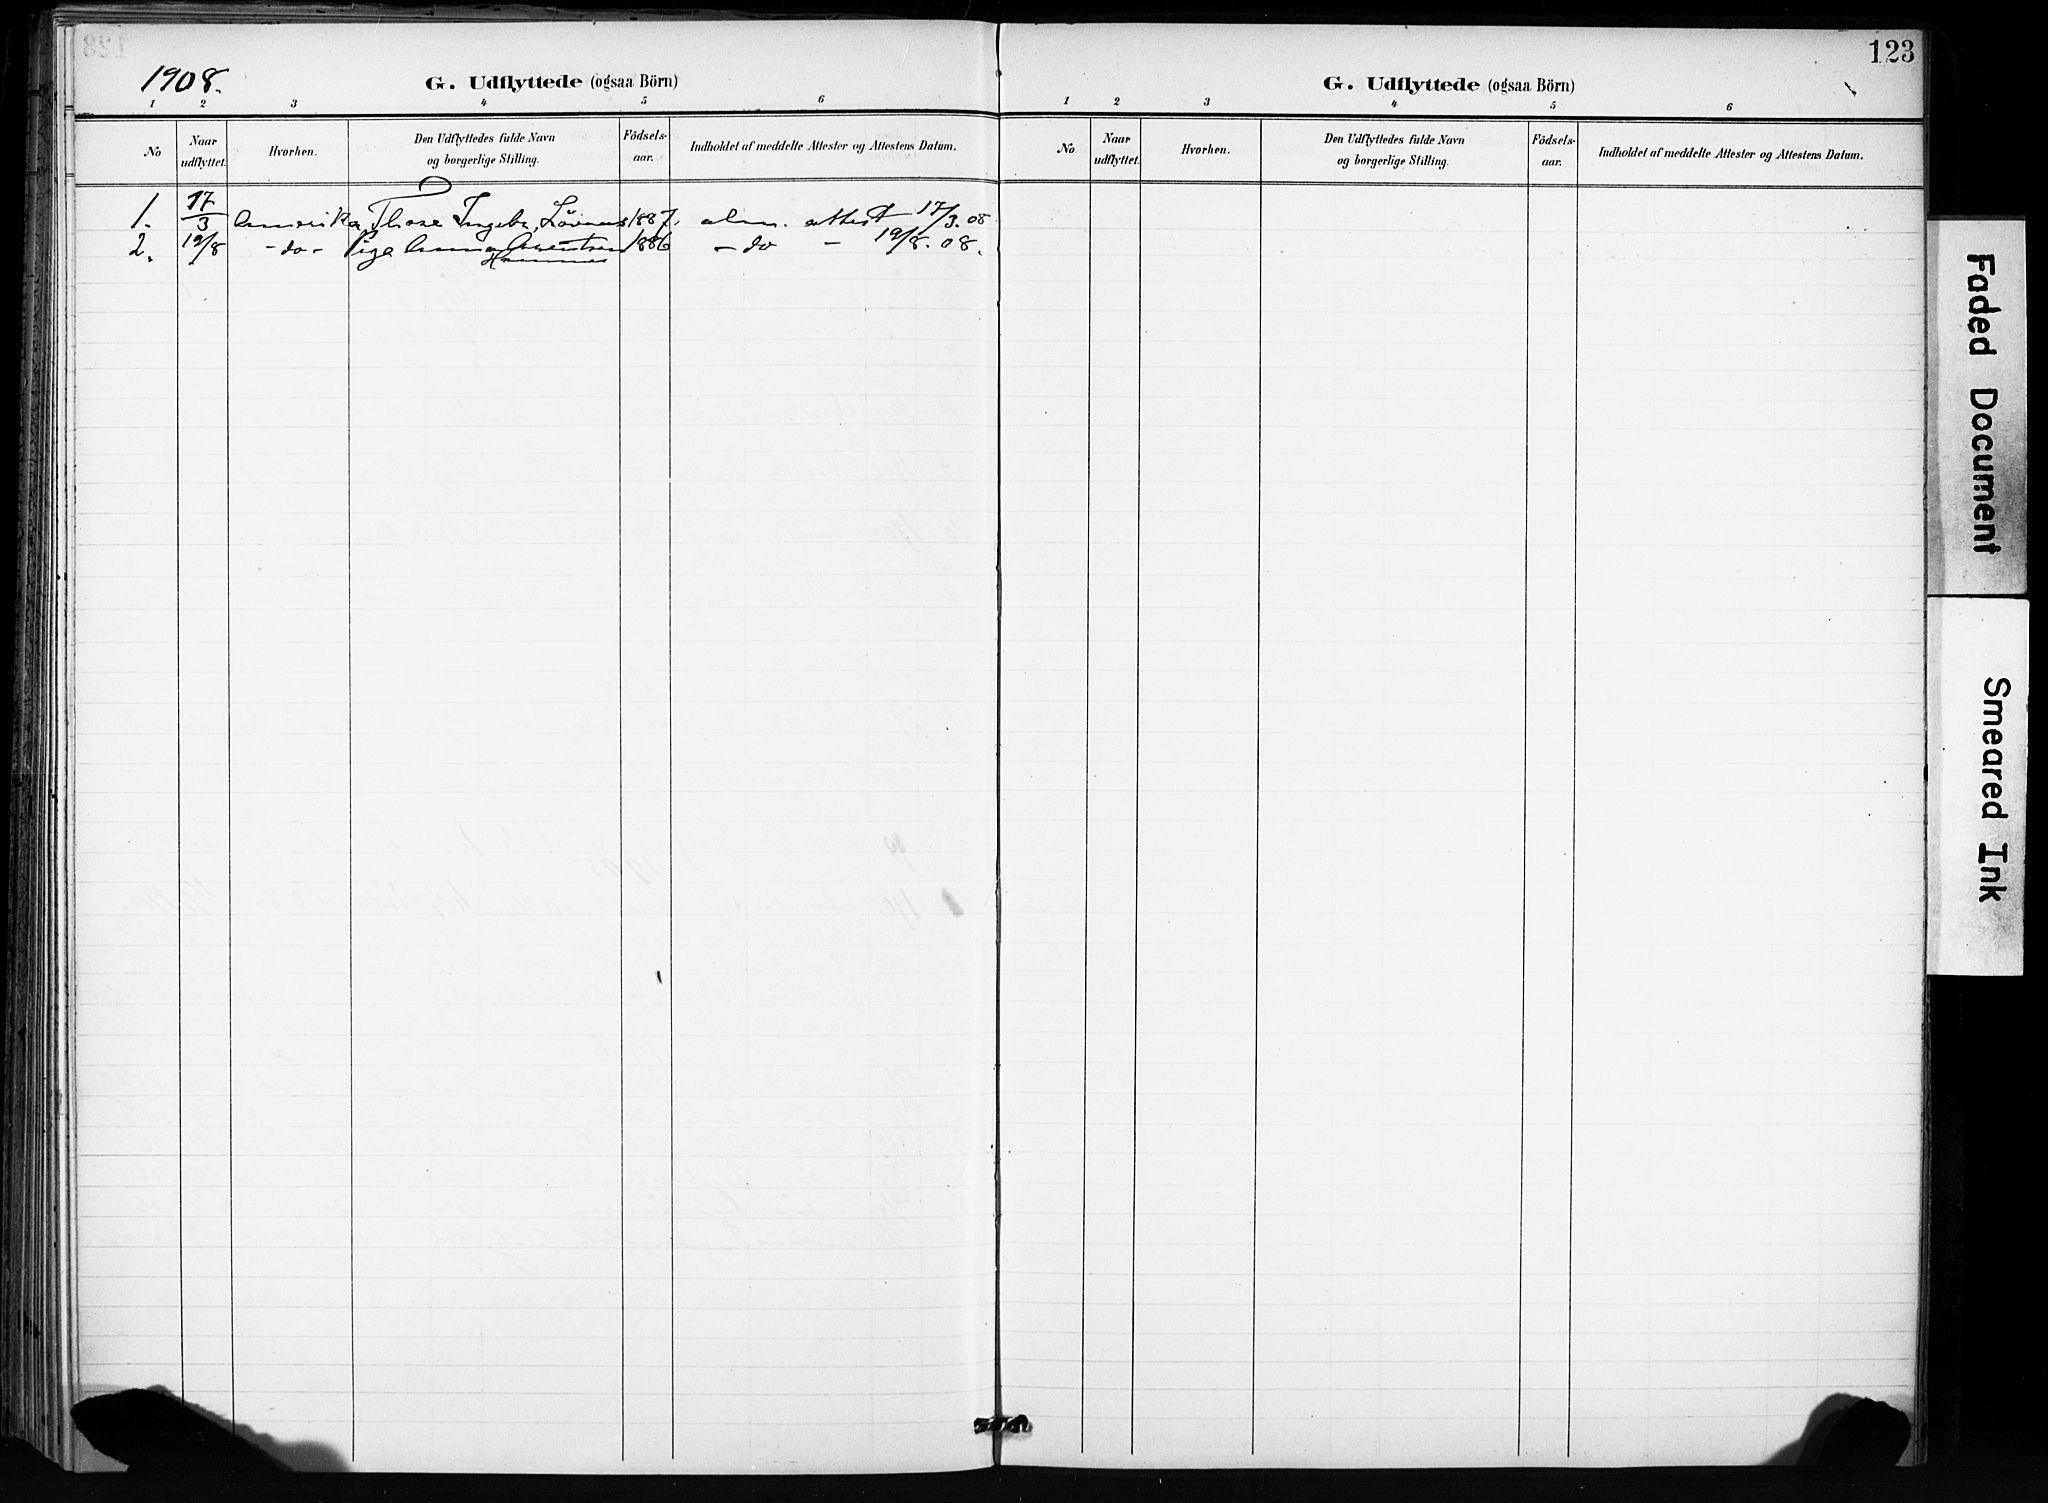 SAT, Ministerialprotokoller, klokkerbøker og fødselsregistre - Sør-Trøndelag, 666/L0787: Ministerialbok nr. 666A05, 1895-1908, s. 123